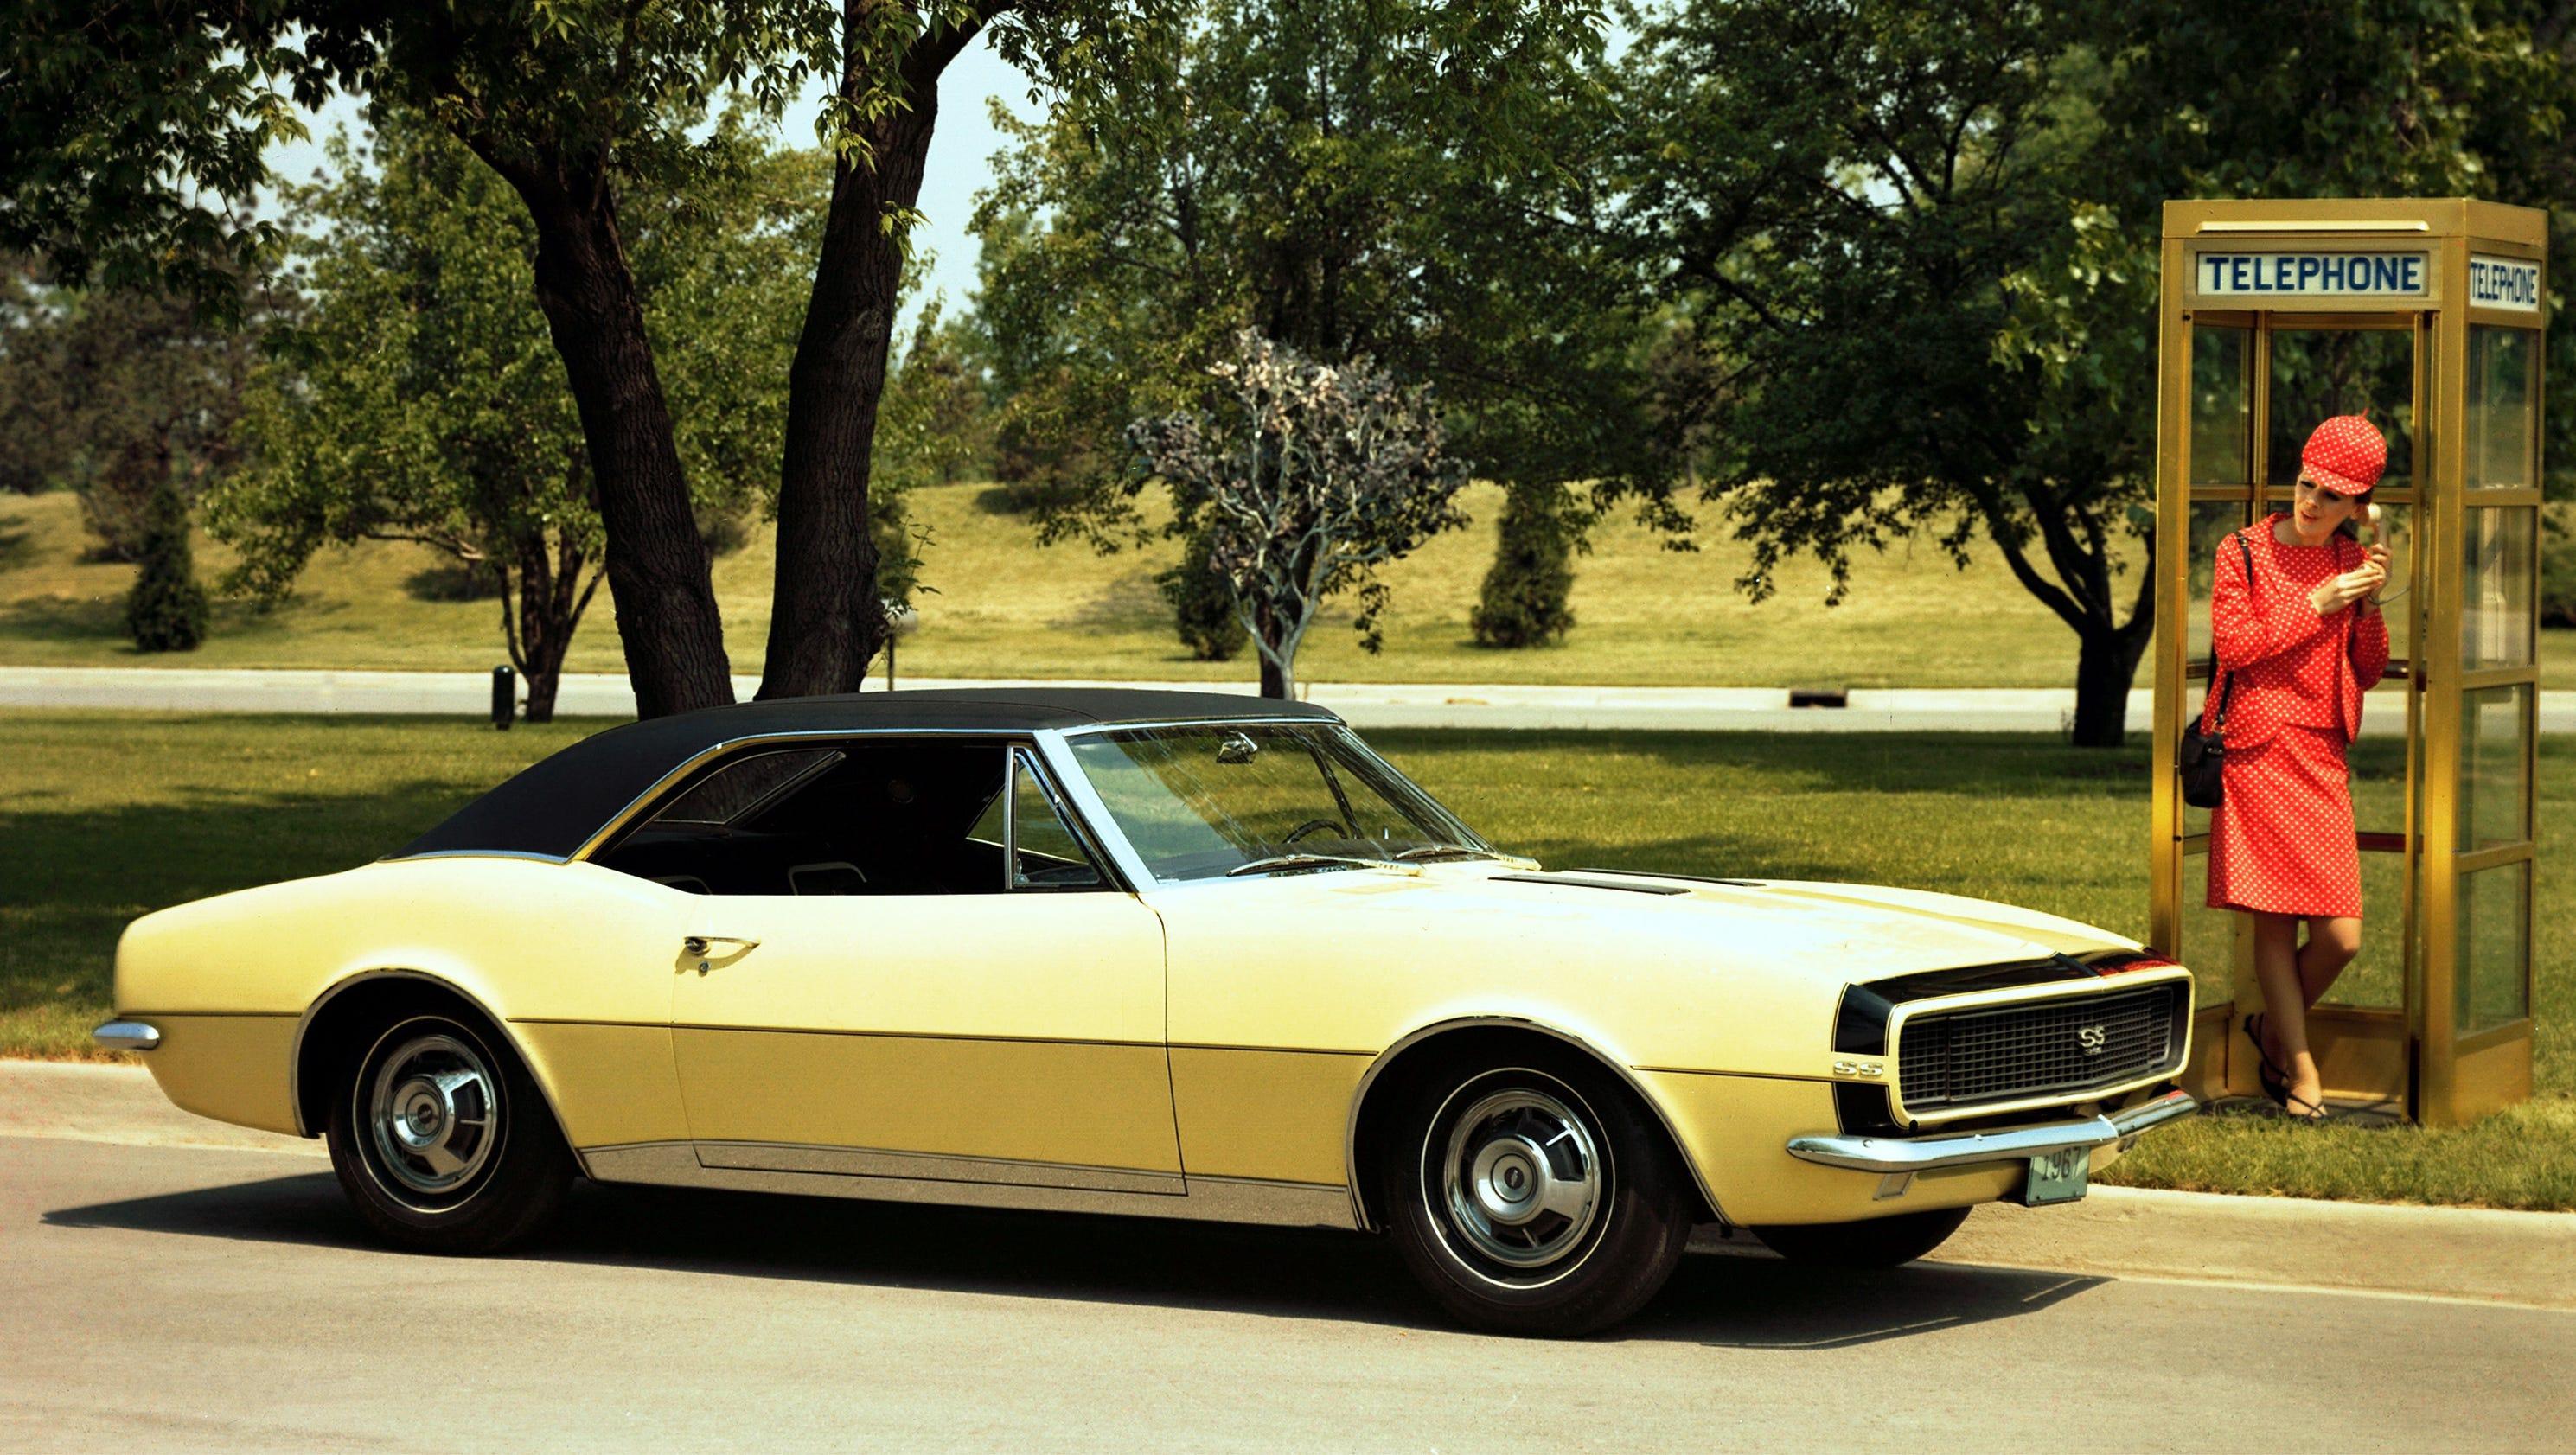 Chevy Camaro Through The Years